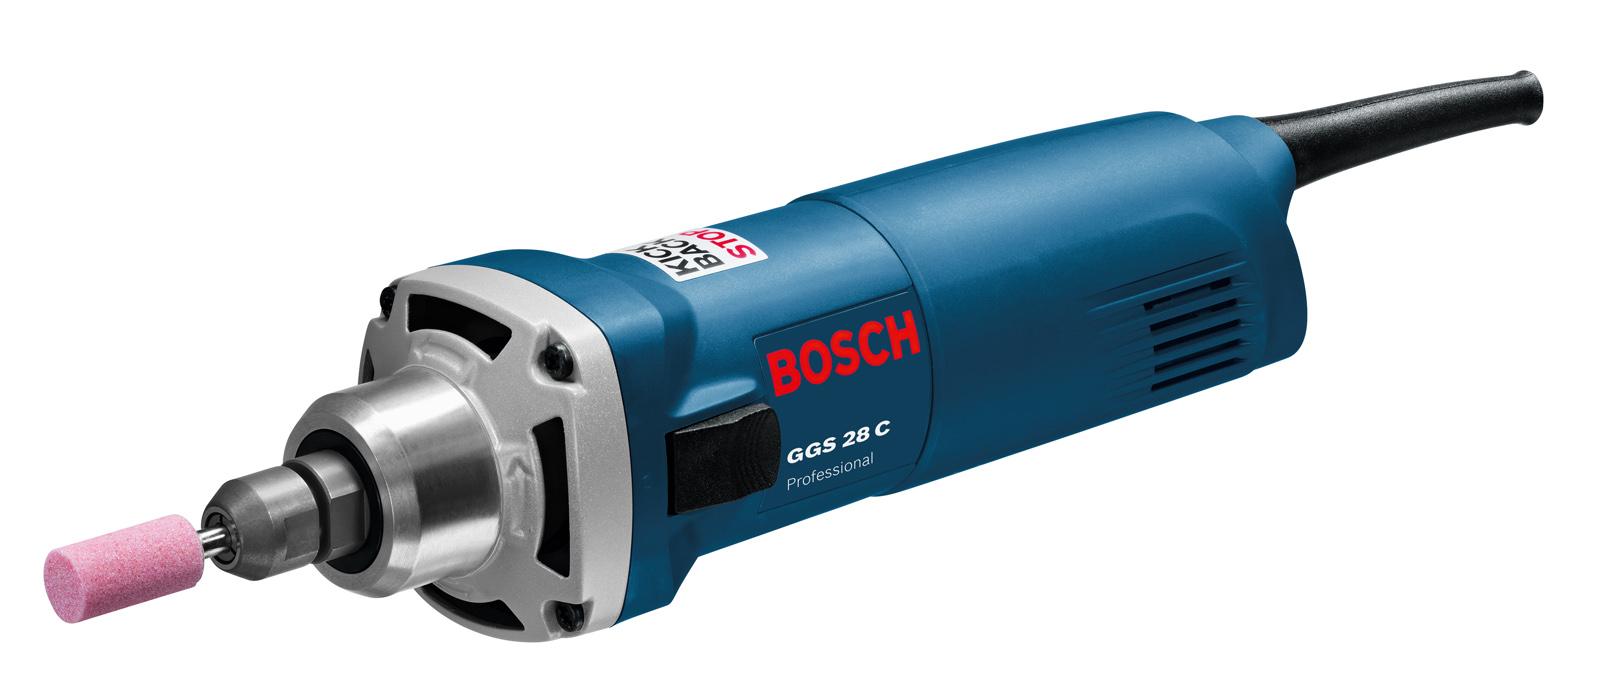 Машинка шлифовальная прямая Bosch Ggs 28 c (0.601.220.000) гравер bosch ggs 28 lce professional